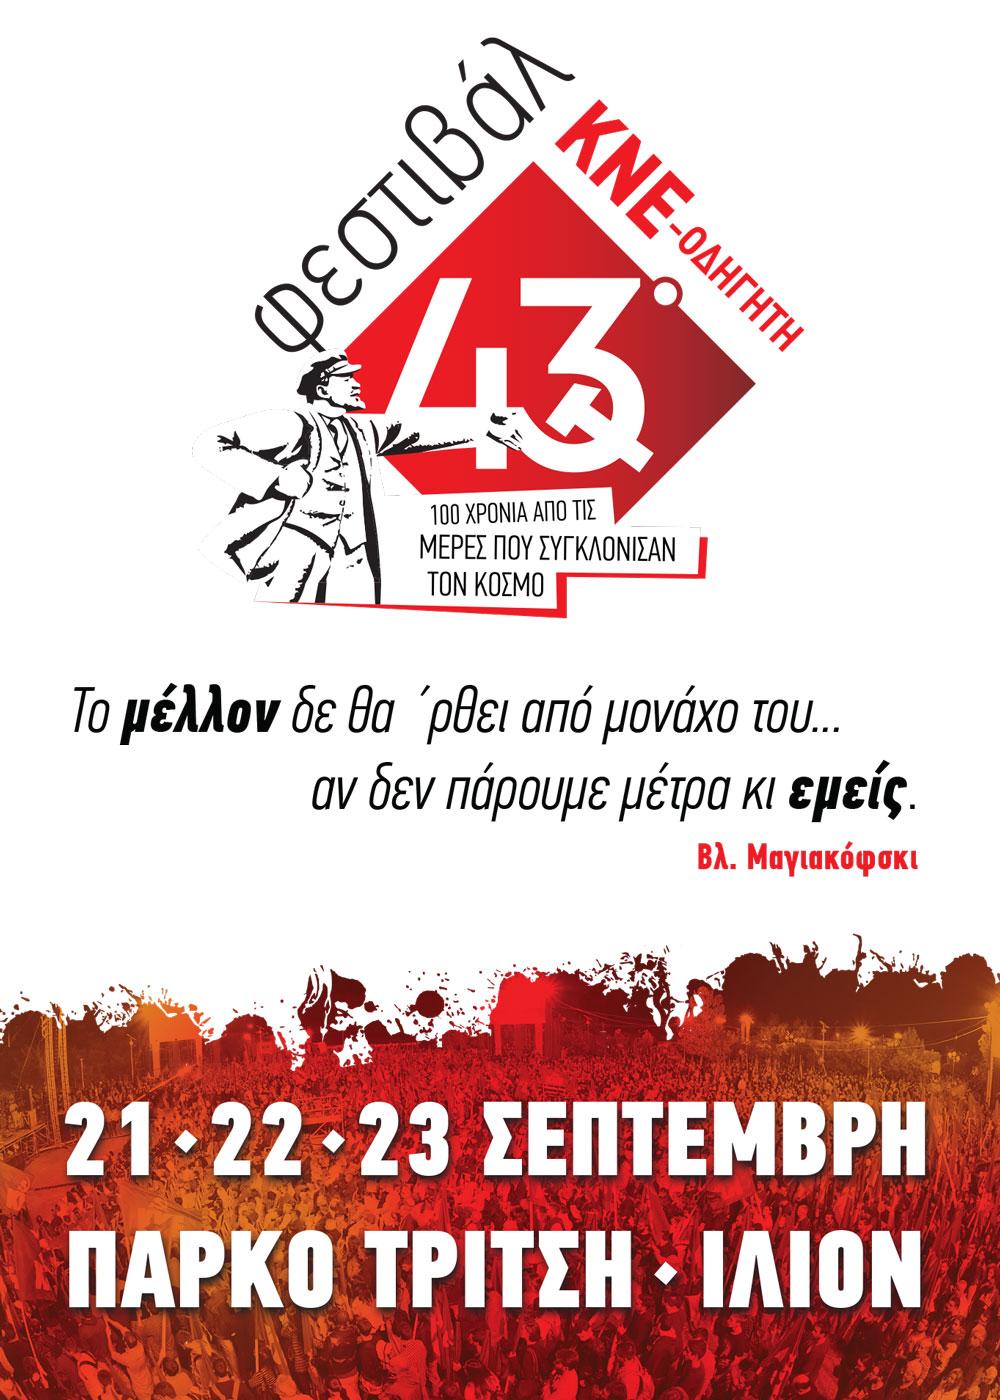 """Με σύνθημα «100 χρόνια από τις μέρες που συγκλόνισαν τον κόσμο """"Το μέλλον δε θα 'ρθει από μονάχο του …αν δεν πάρουμε μέτρα κι εμείς"""" (Βλ. Μαγιακόφσκι)» το Φεστιβάλ ΚΝΕ - «Οδηγητή», το μεγαλύτερο πολιτικό και πολιτιστικό γεγονός της νεολαίας έχει ξεκινήσει ήδη το ταξίδι του σε όλη την Ελλάδα για 43η χρονιά. Οι εκδηλώσεις του 43ου Φεστιβάλ ΚΝΕ - «Οδηγητή» θα κορυφωθούν στις 21-22-23 Σεπτέμβρη στην Αθήνα, στο Πάρκο Τρίτση, στο Ίλιον."""